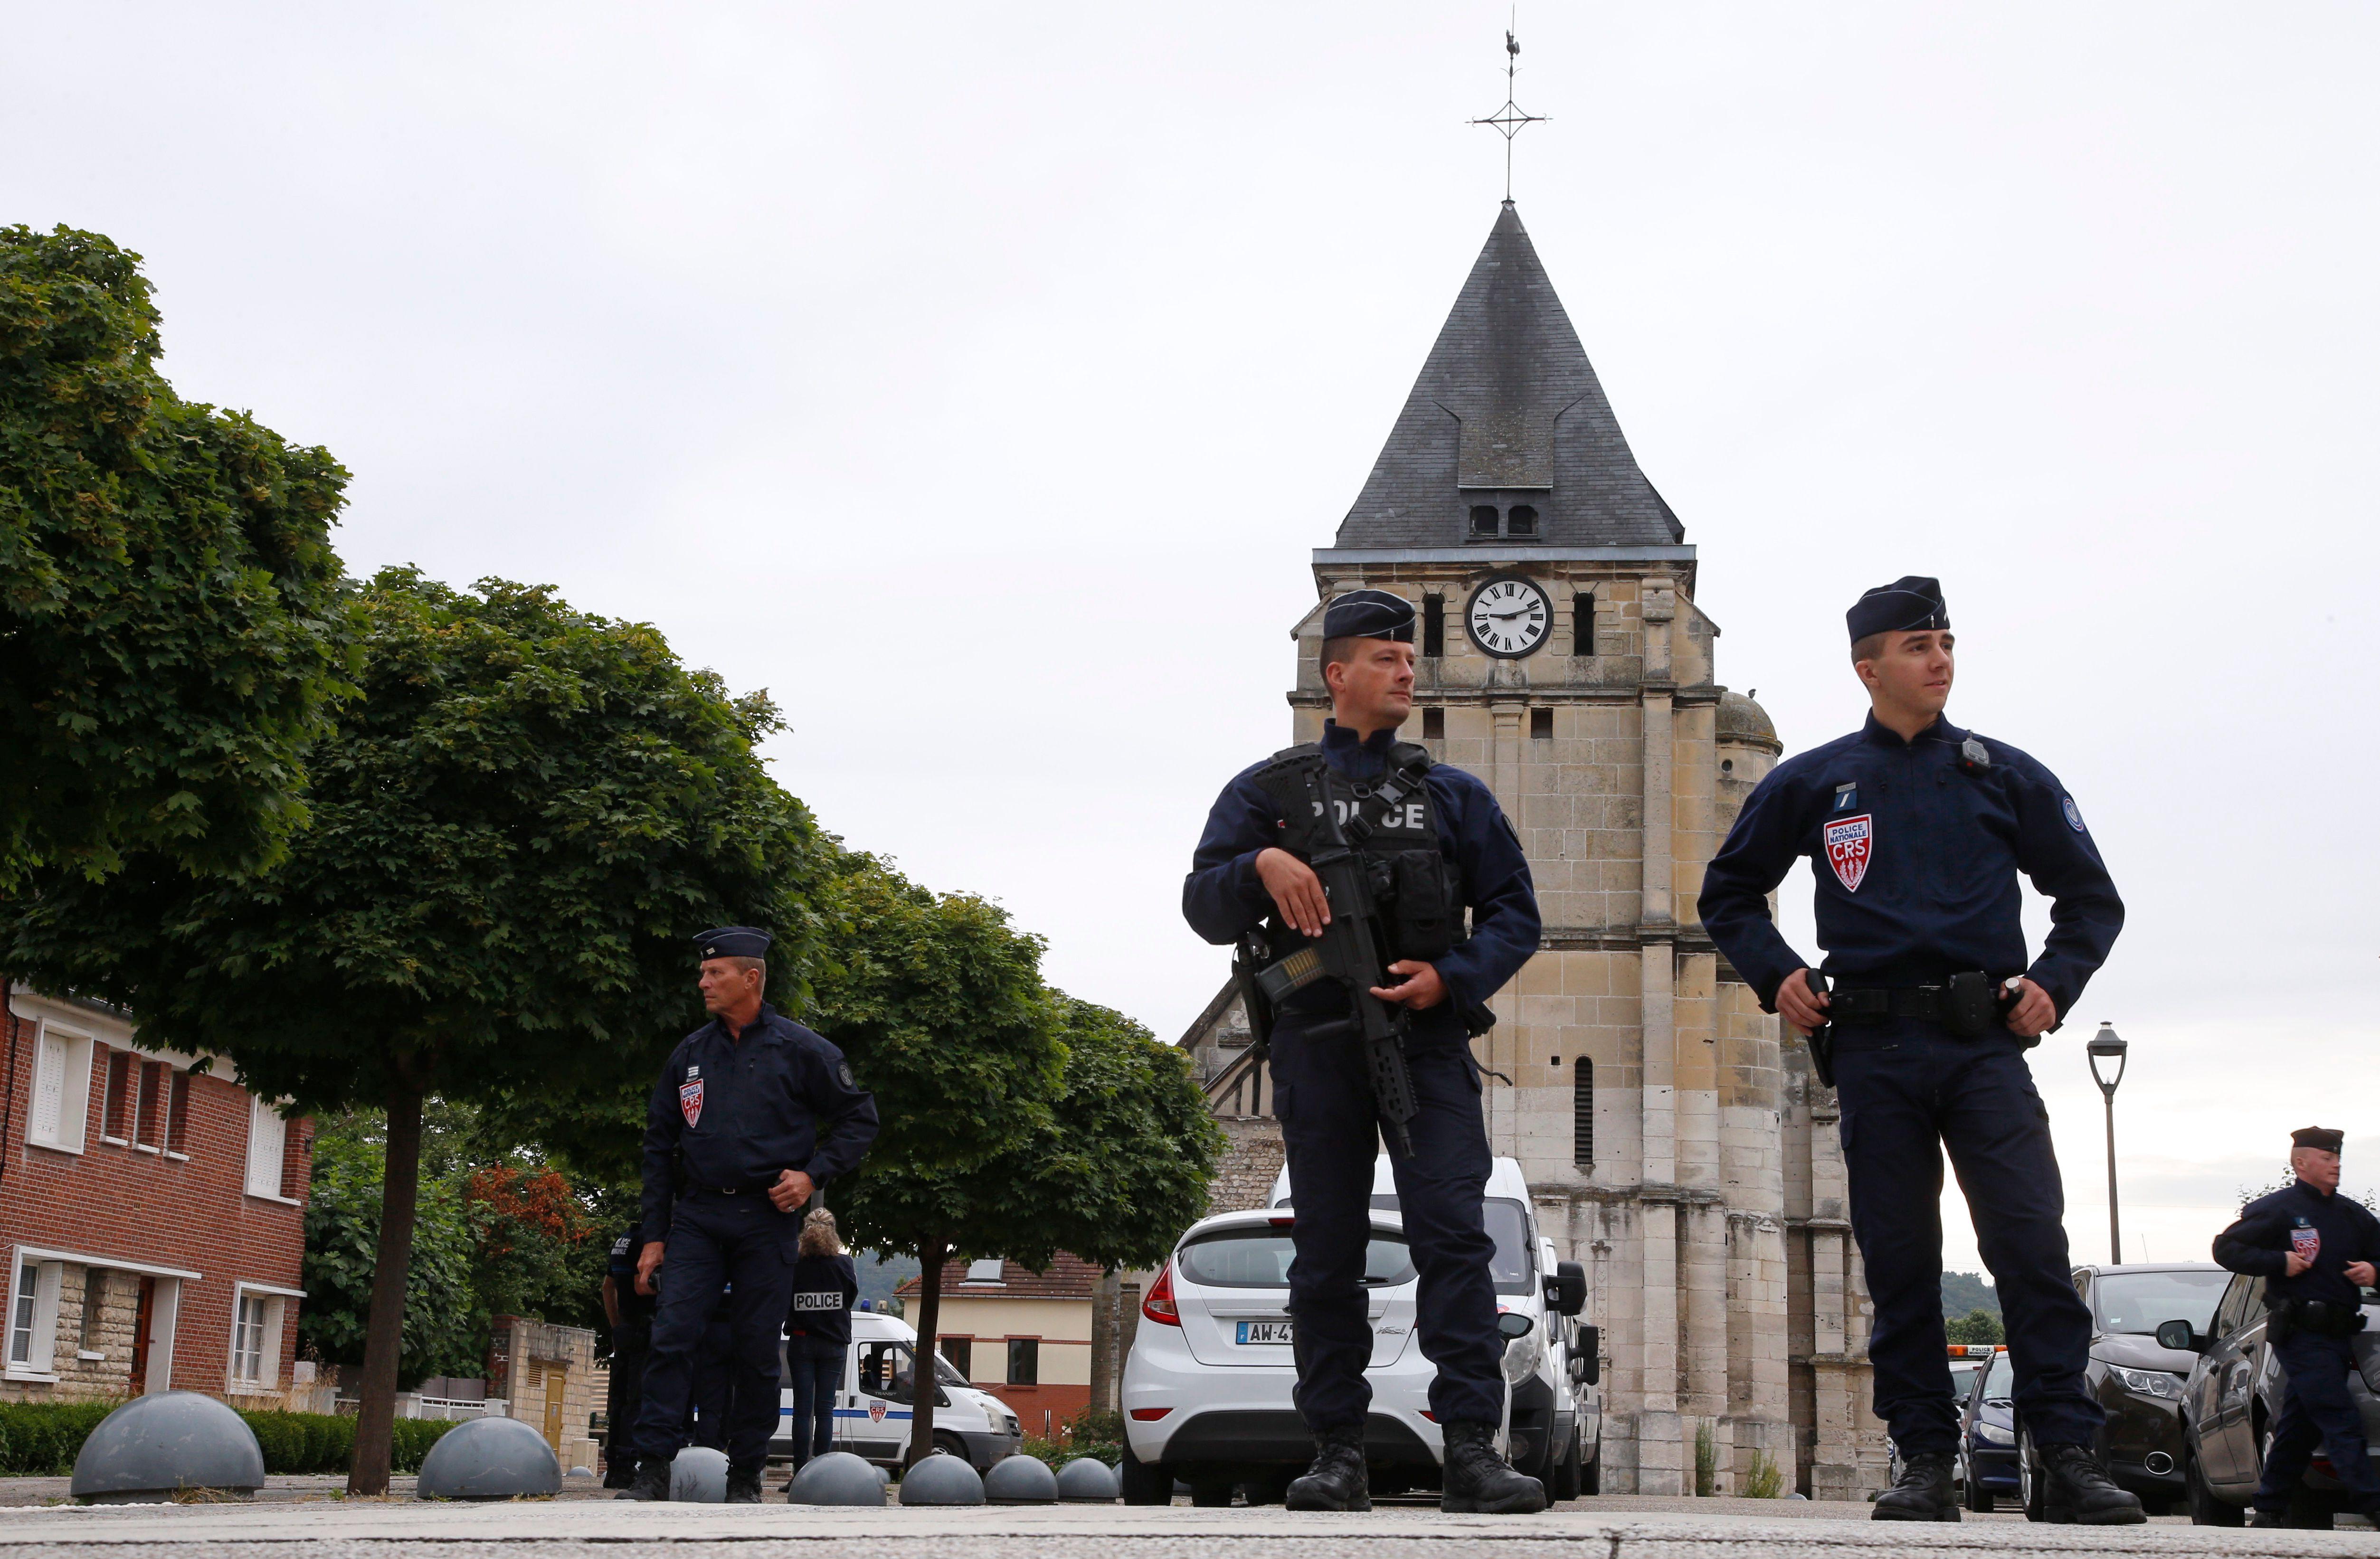 L'église de Saint-Etienne du Rouvray rouvre ses portes ce dimanche